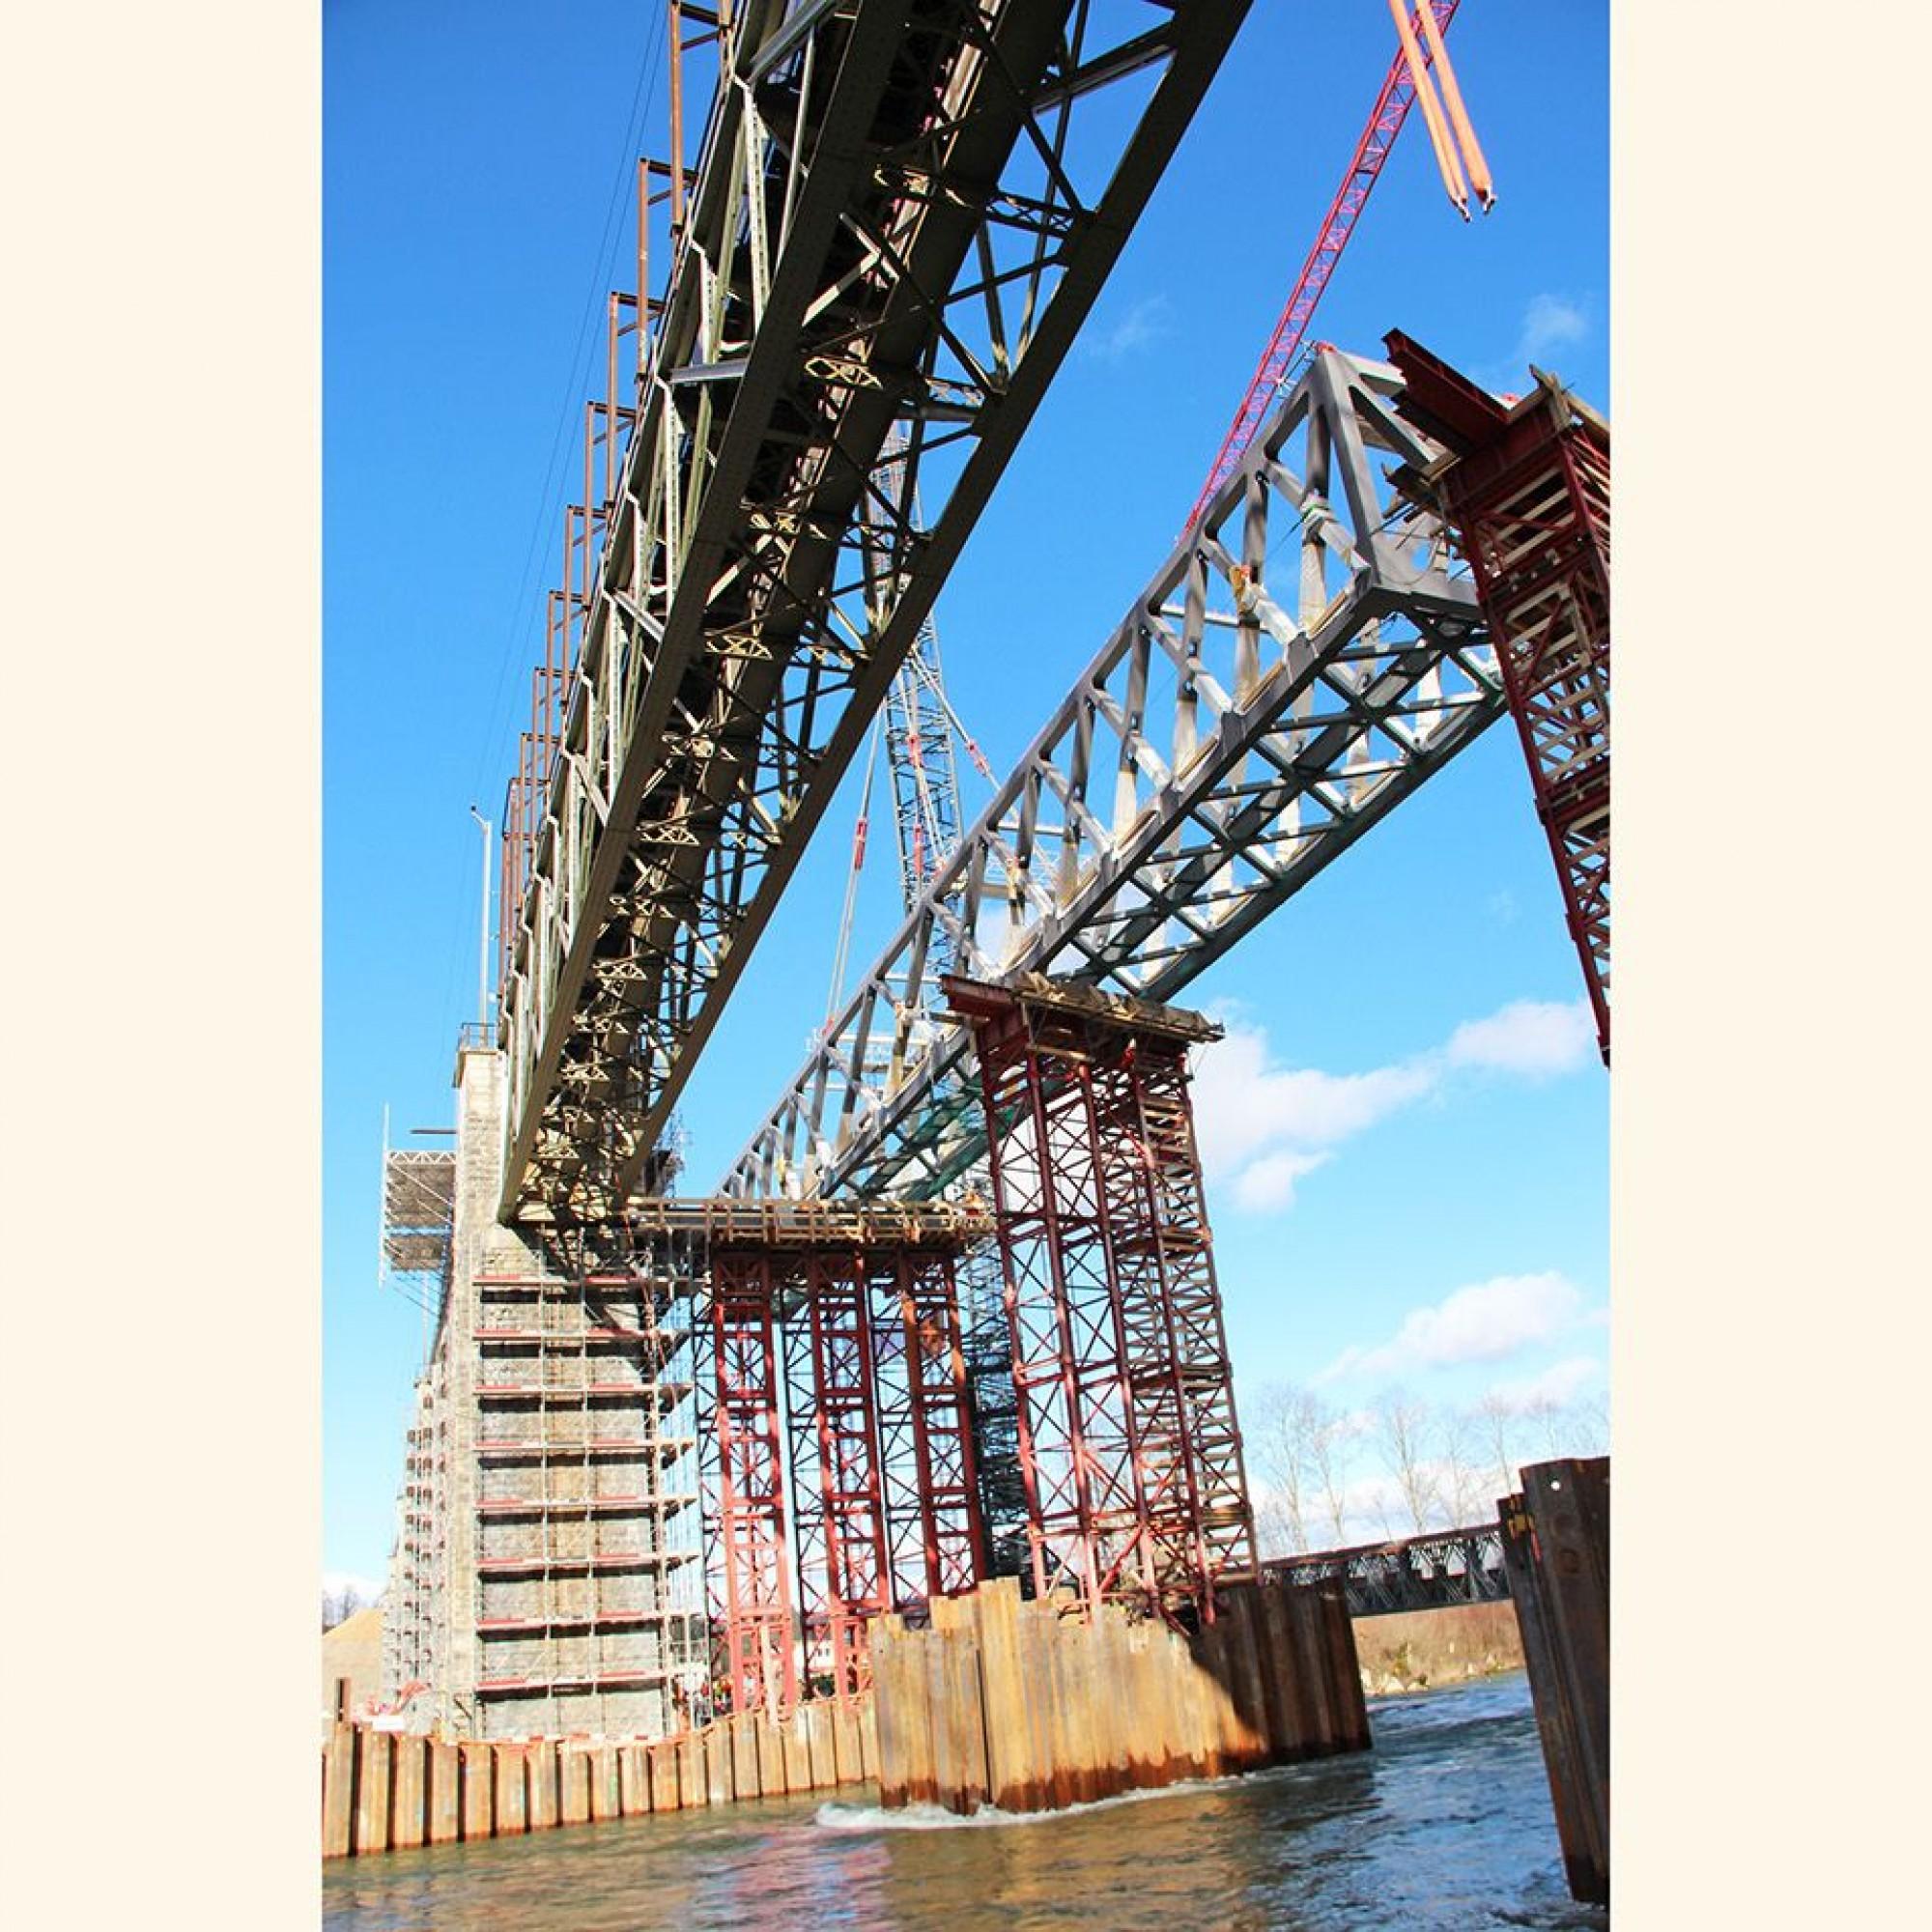 Saaneviadukt Stahlbrücke Gerüst